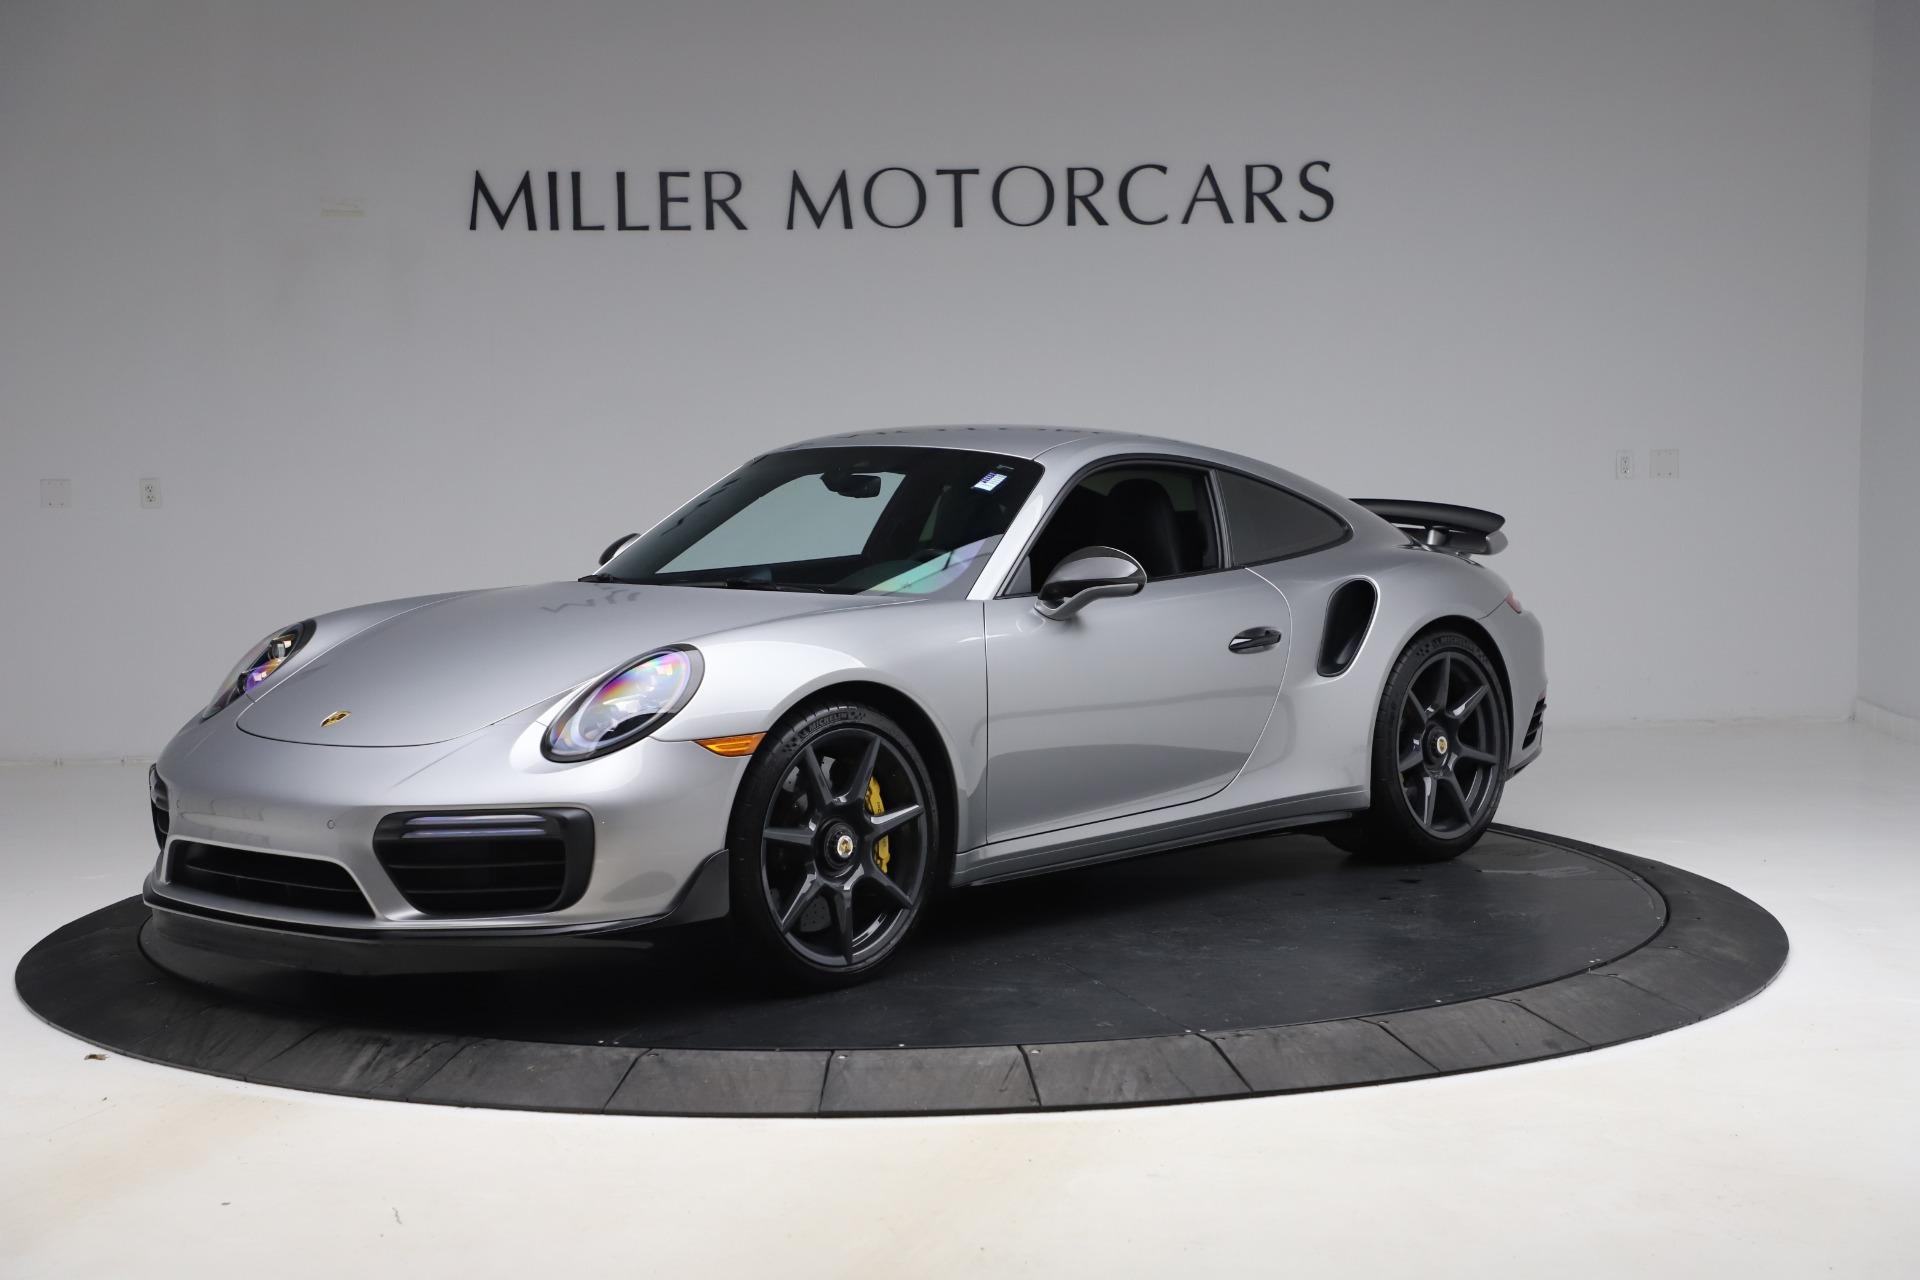 Used 2019 Porsche 911 Turbo S for sale $177,900 at Bugatti of Greenwich in Greenwich CT 06830 1